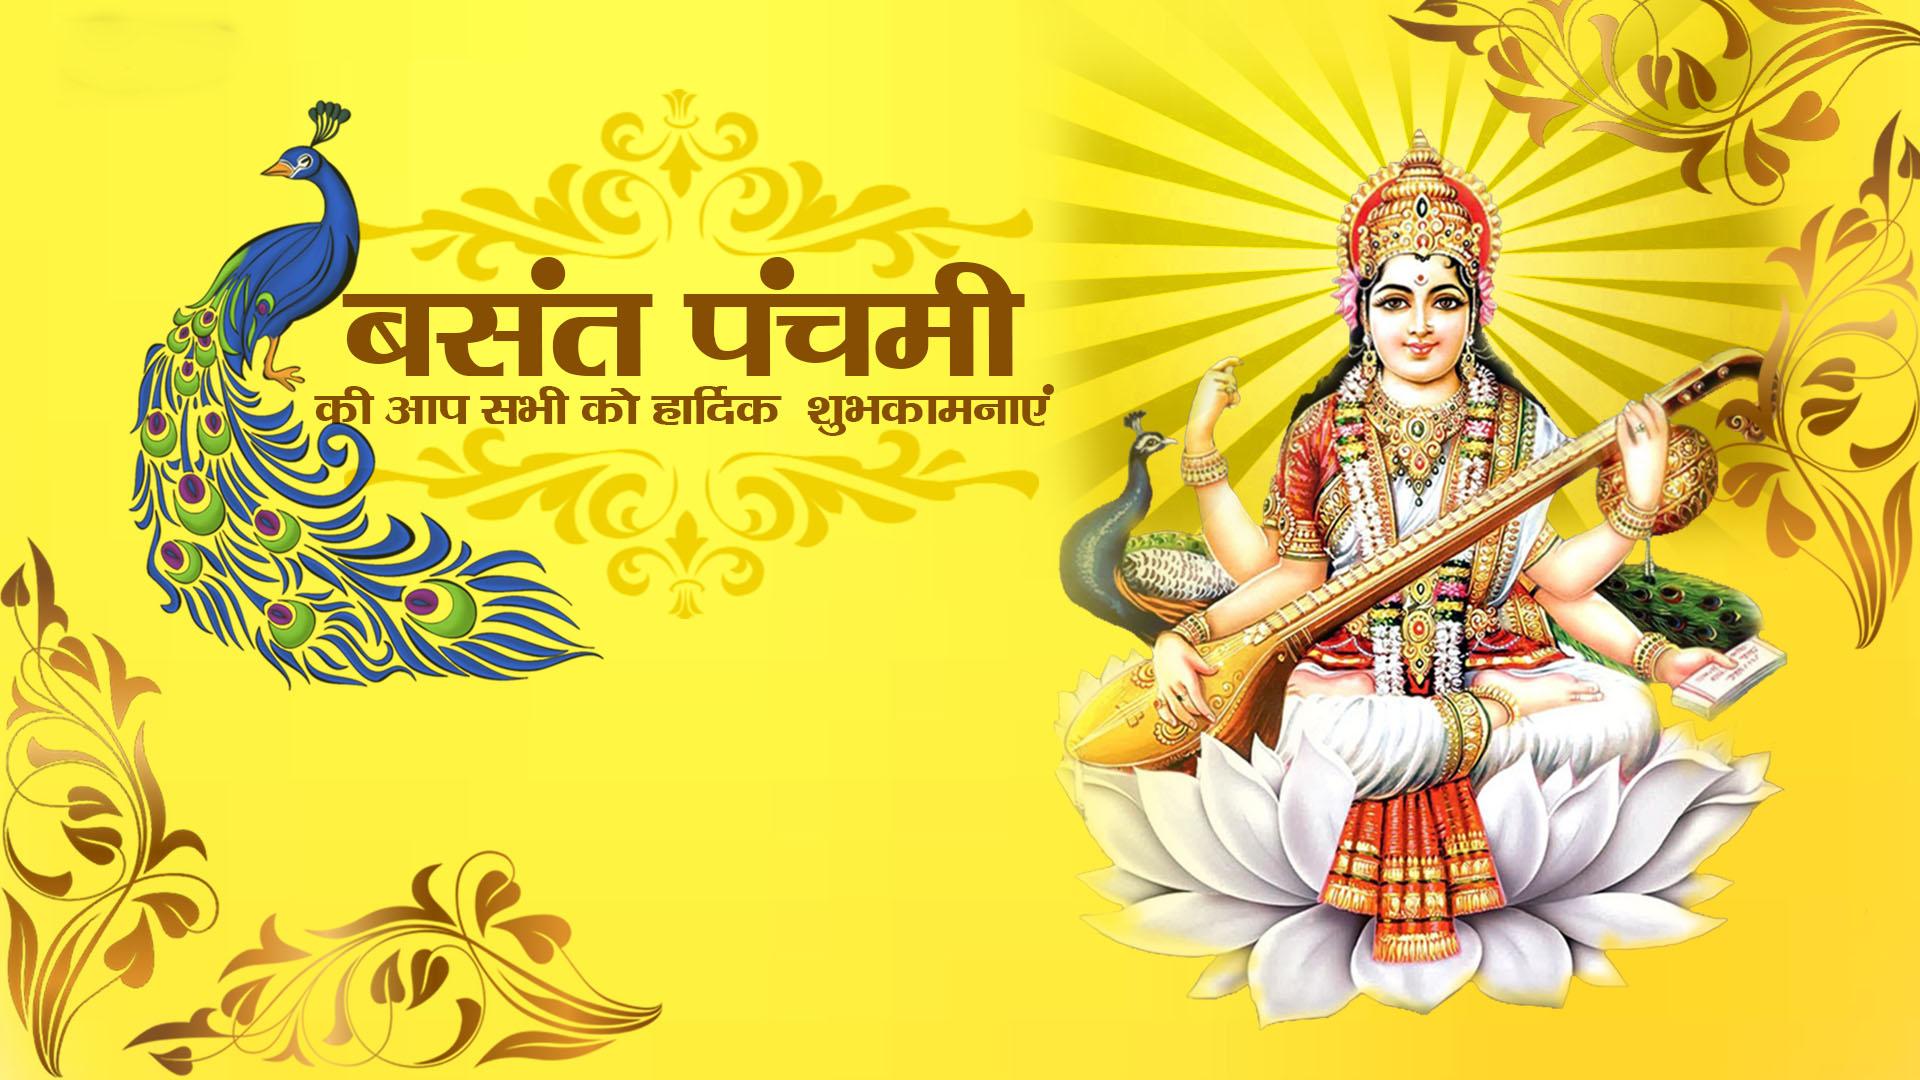 Vasant Panchami Hd Images In Hindi